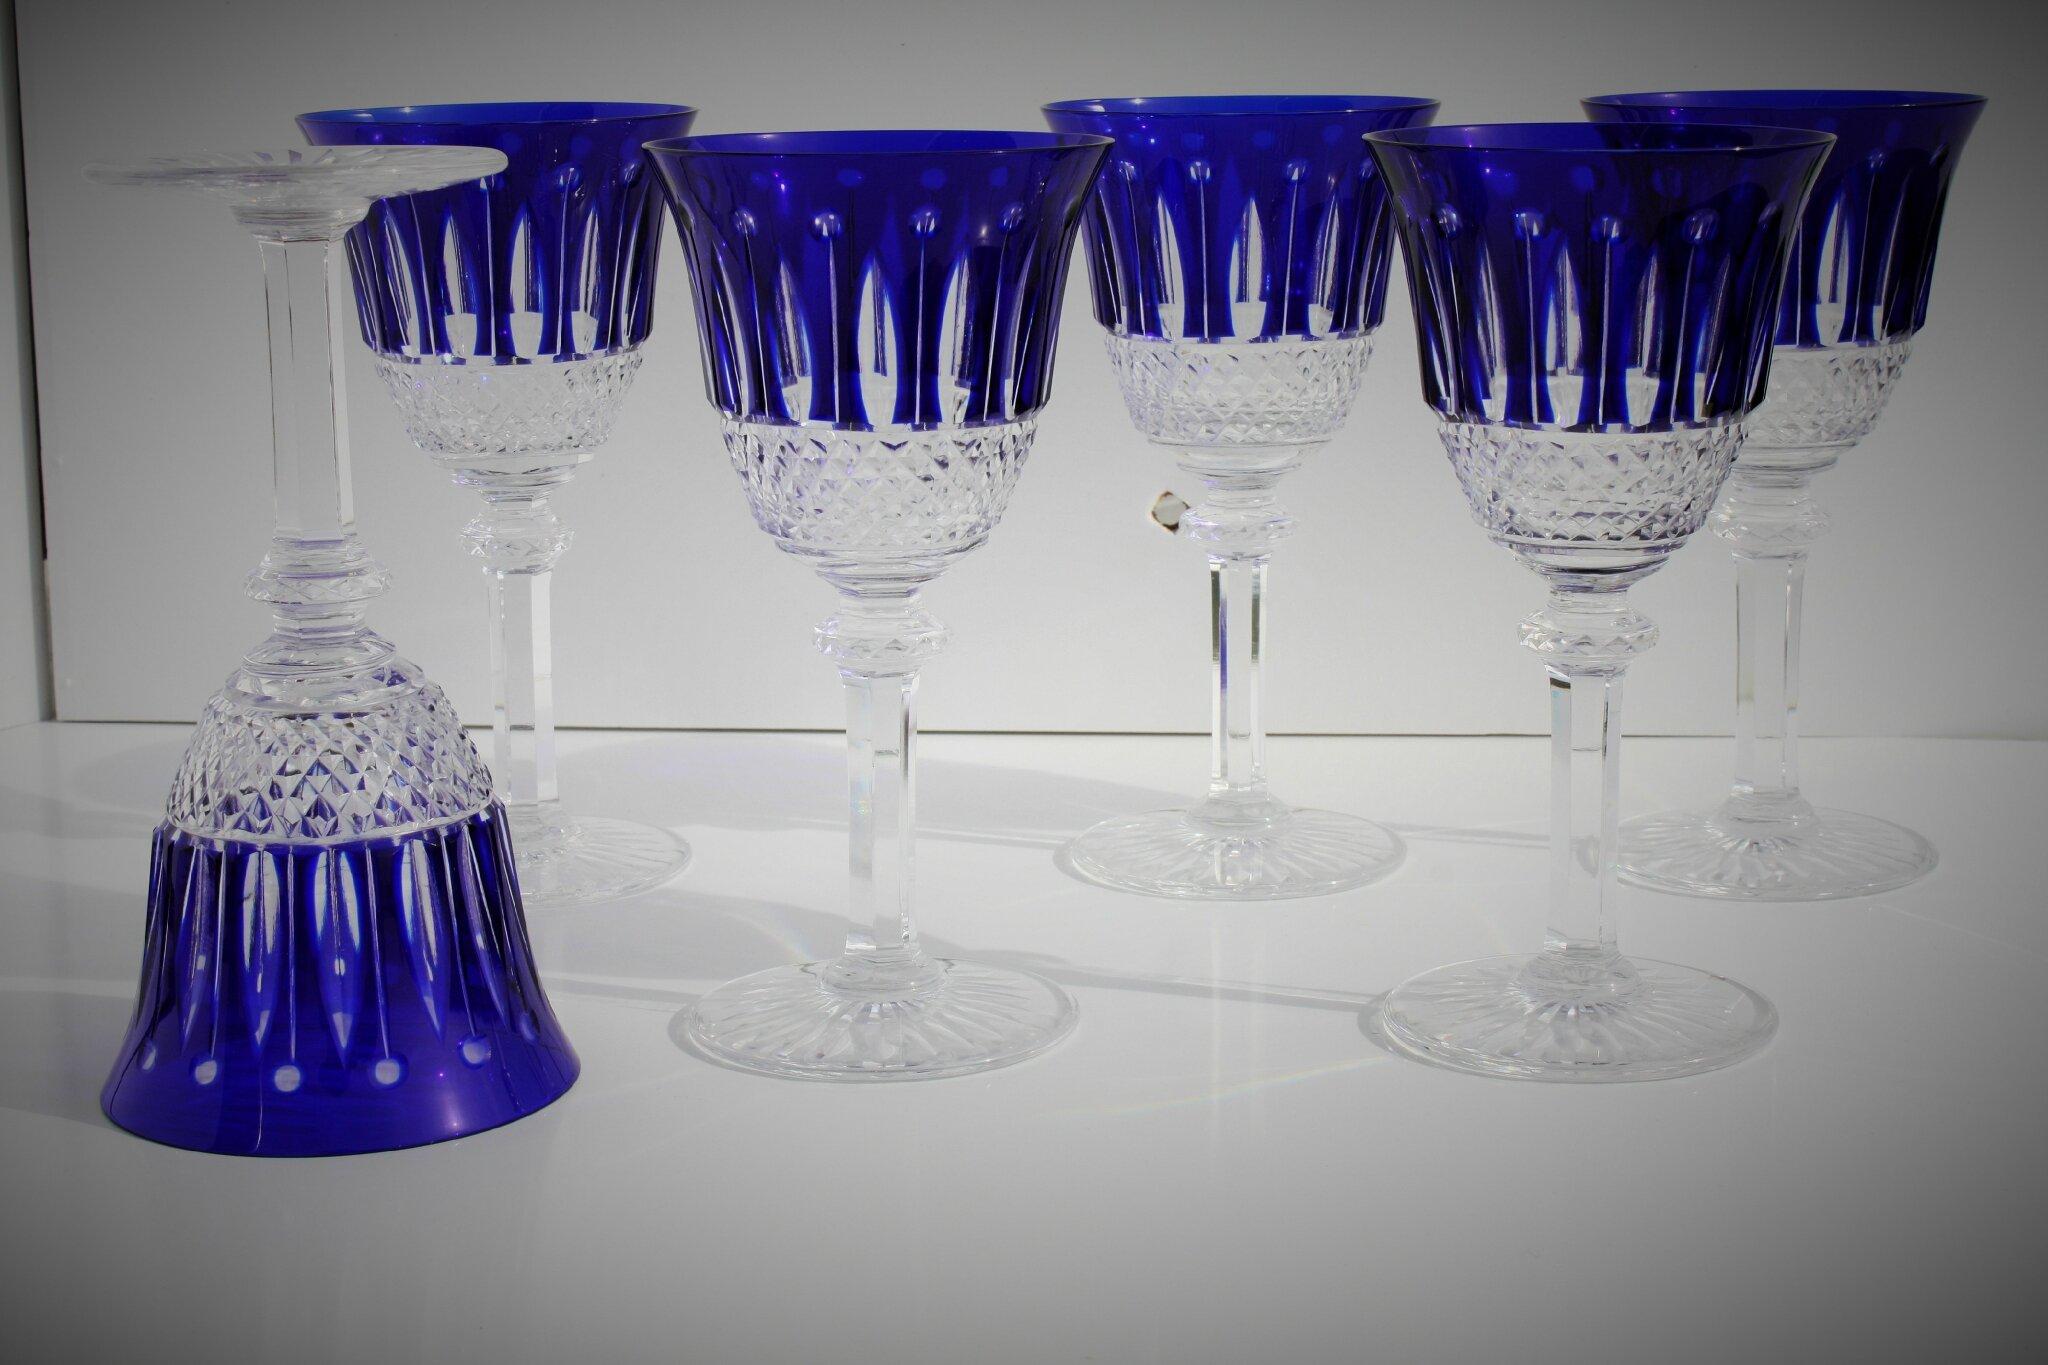 Verres à vin de Bourgogne n°3 St Louis Tommy en cristal doublé bleu cobalt